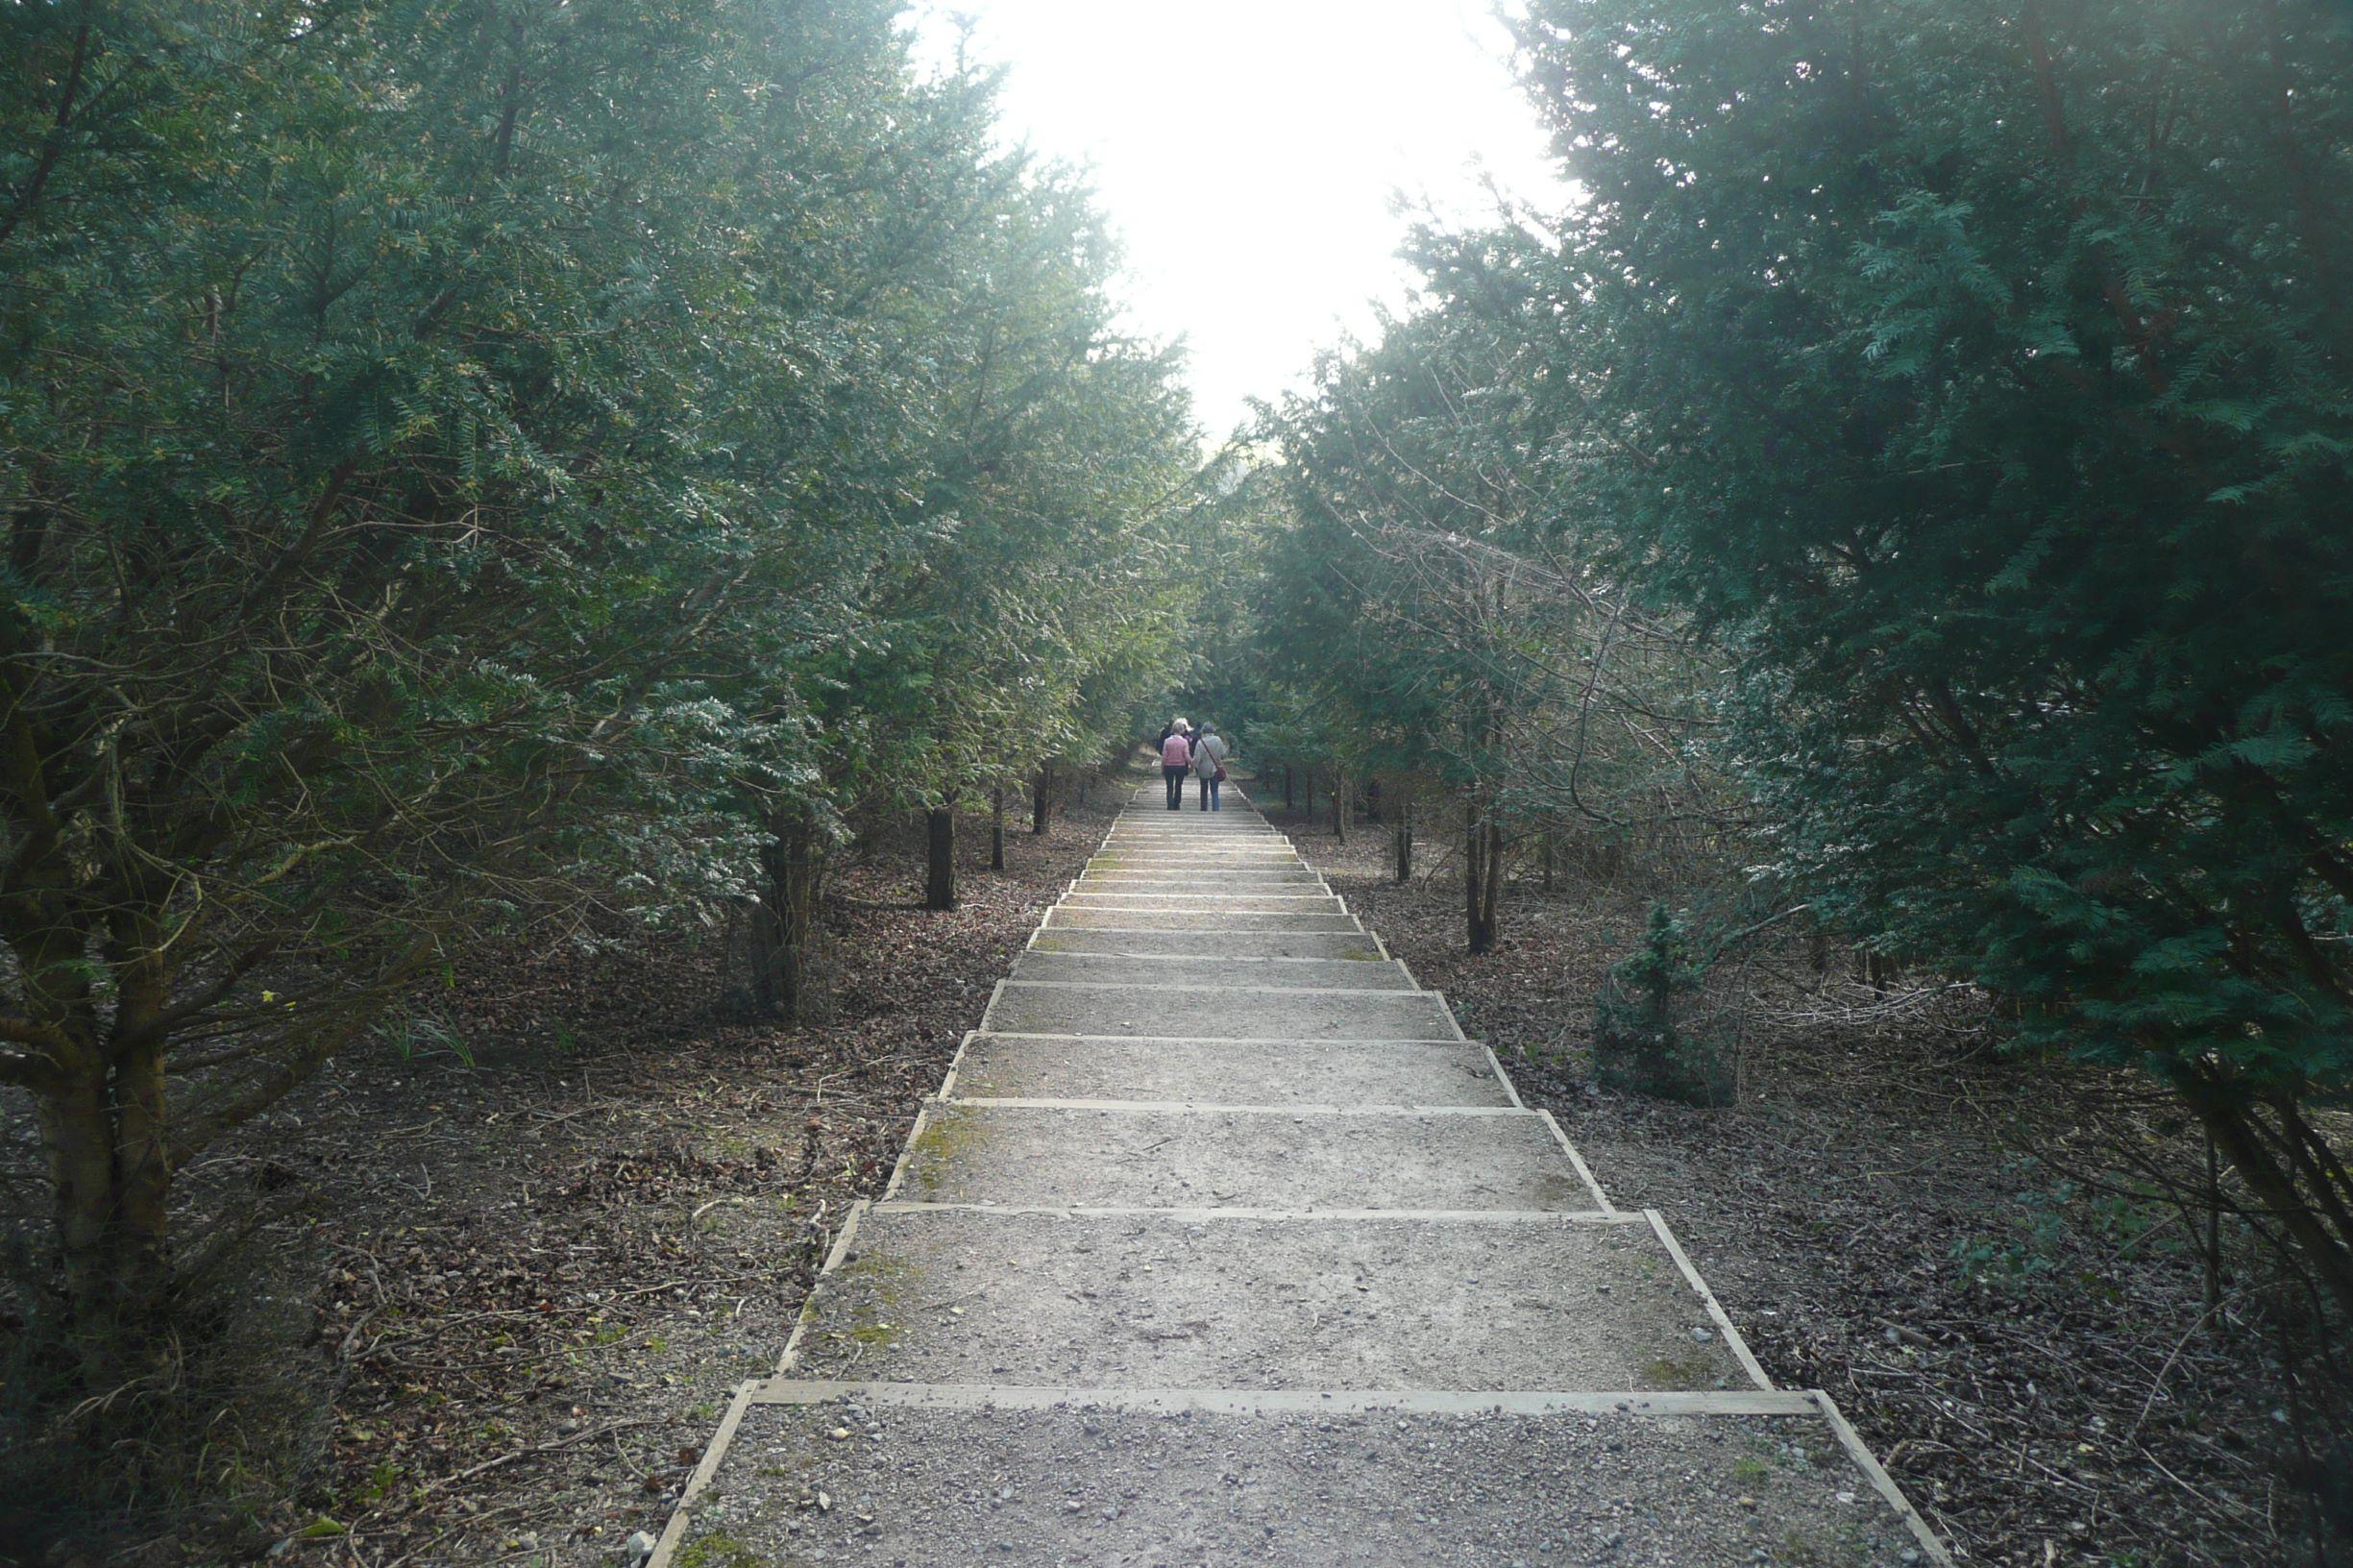 Először széles, rendezett lépcsősor